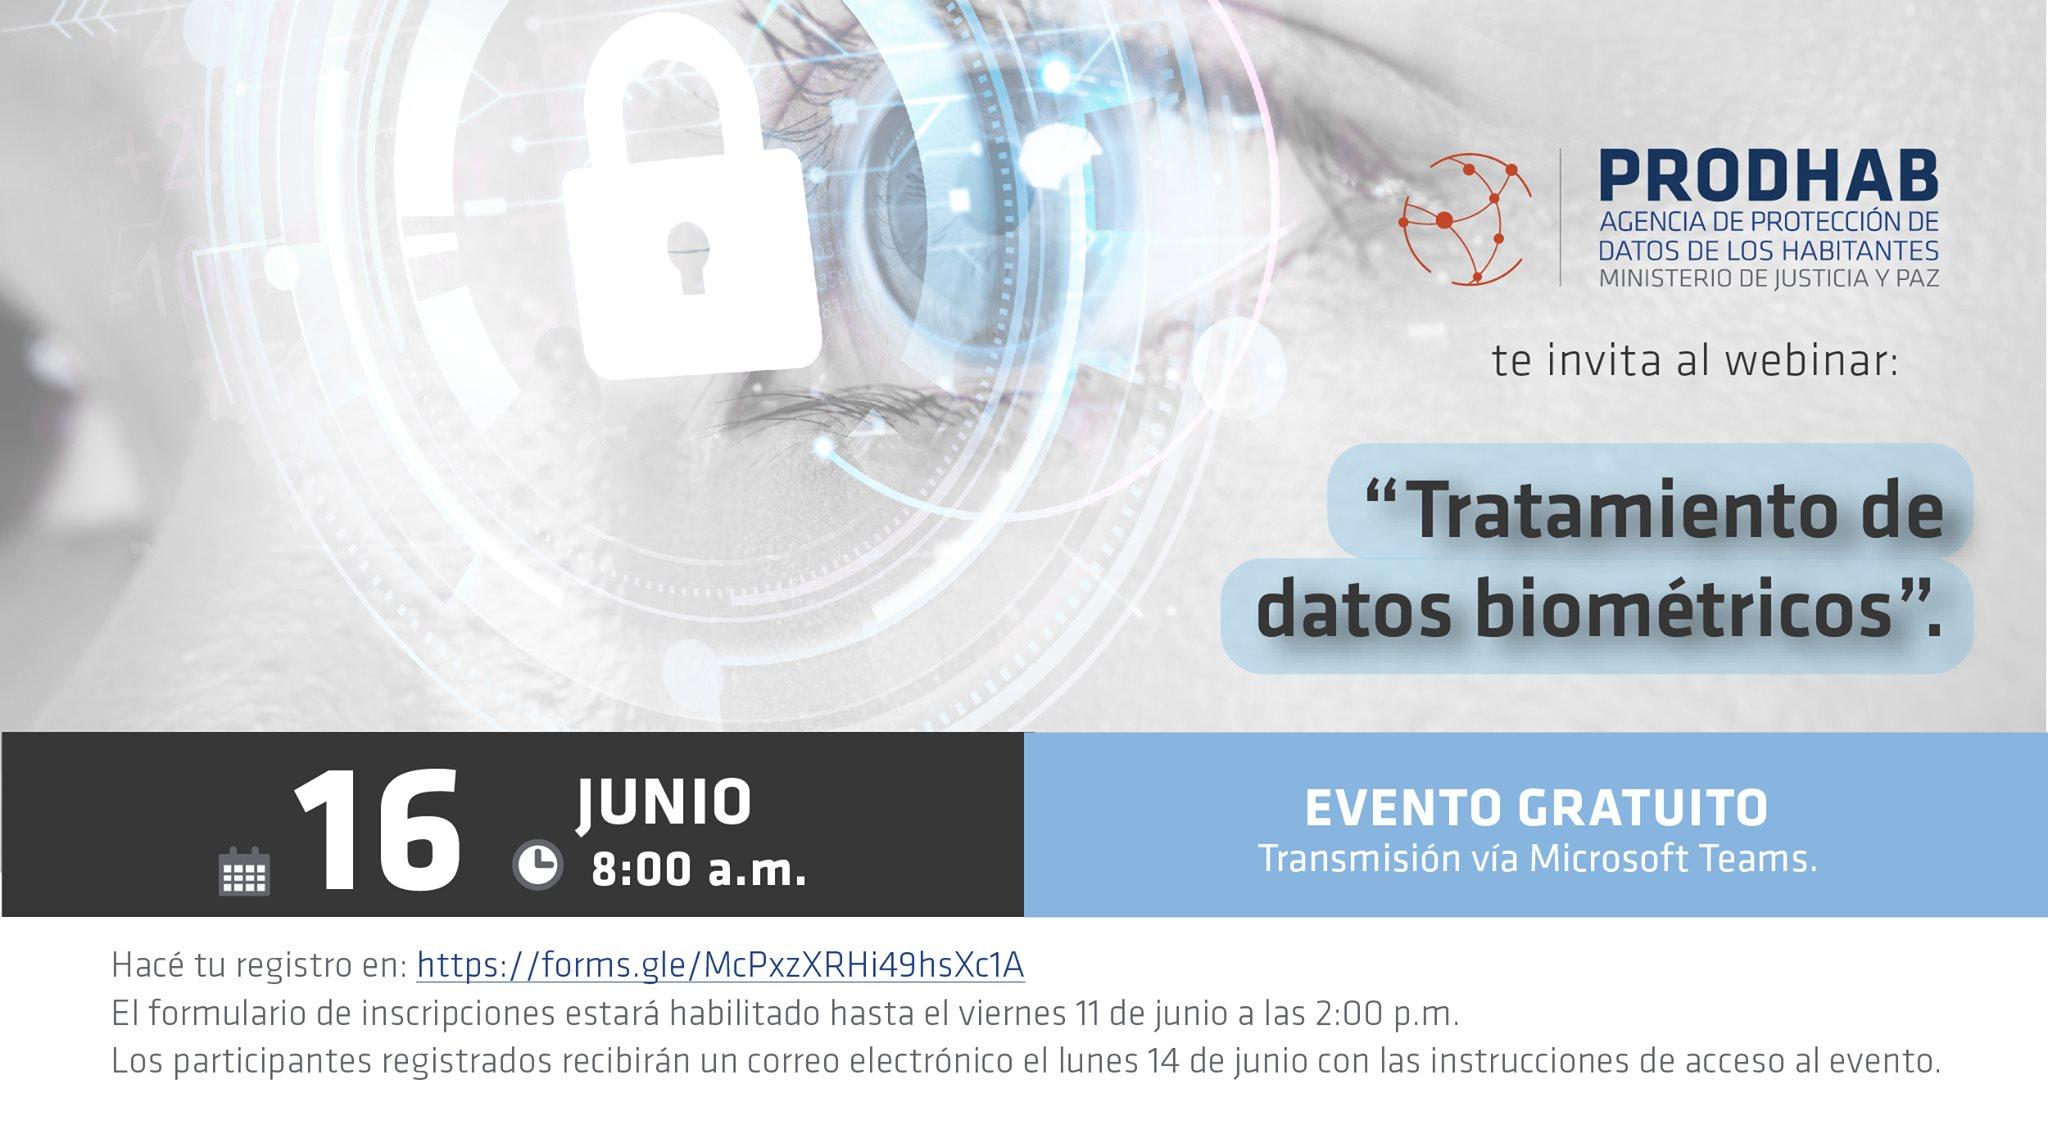 Webinar: 'Tratamiento de datos biométricos'